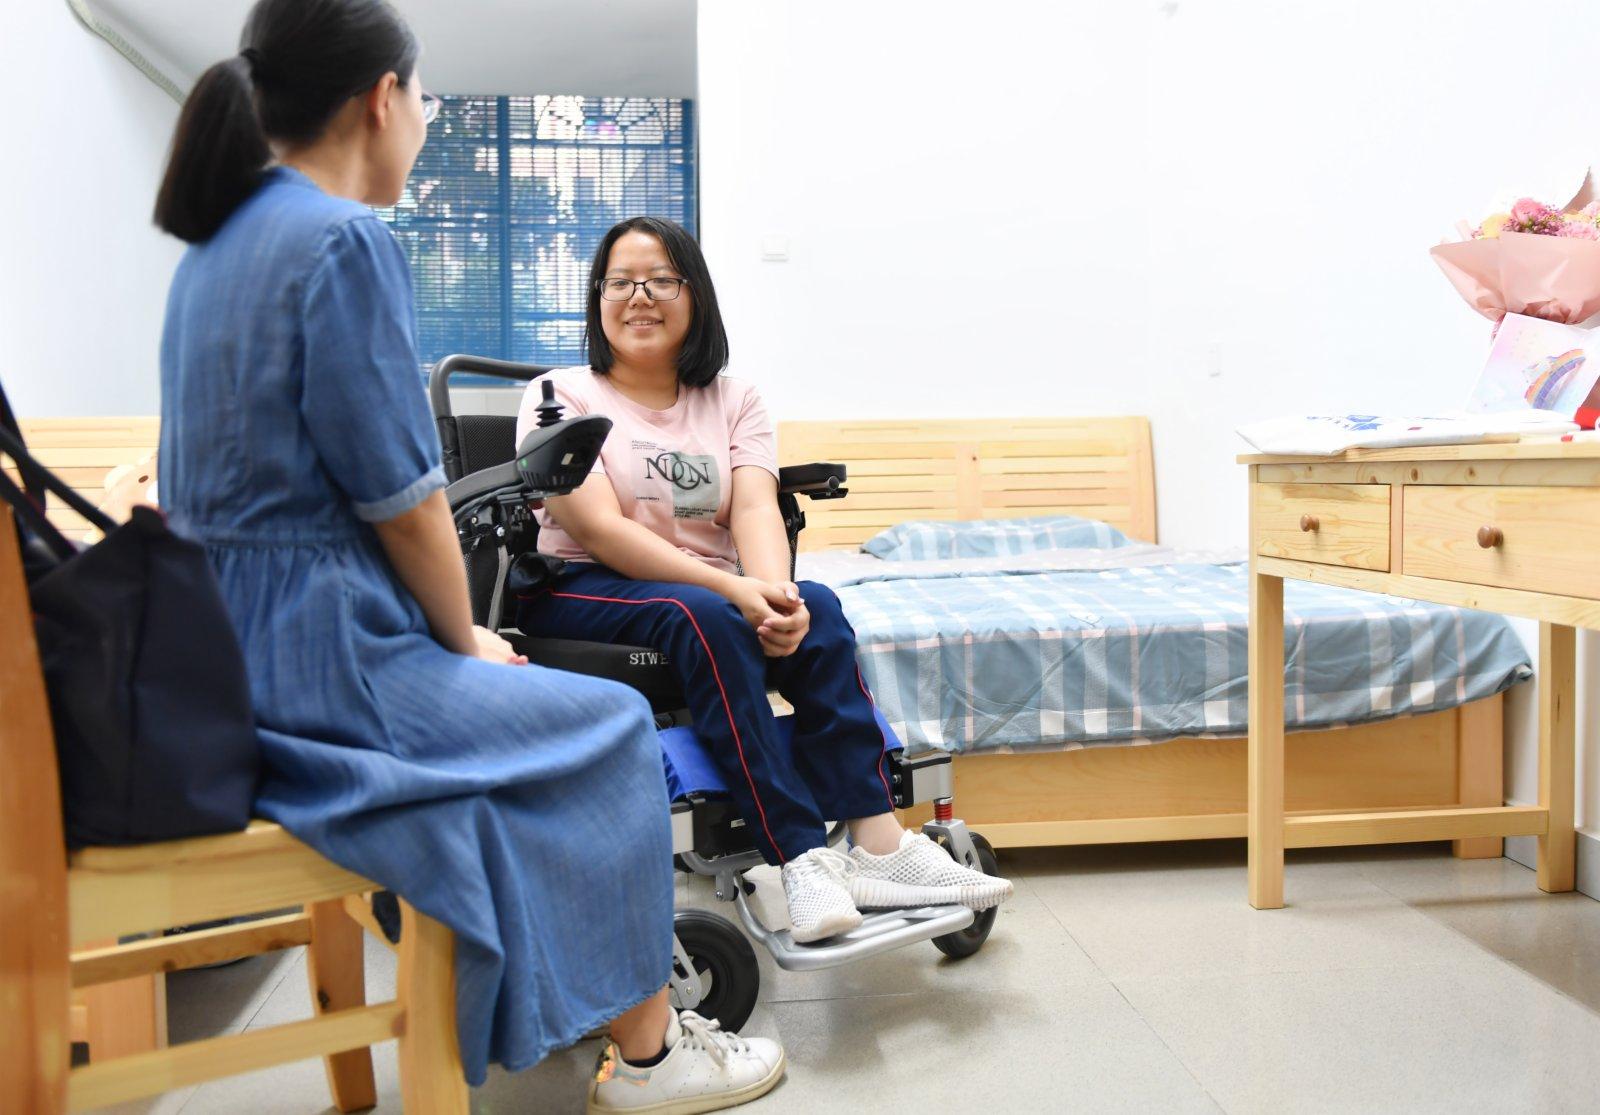 9月1日,謝可欣(右)在宿舍與前來看望她的老師交談。(新華社)